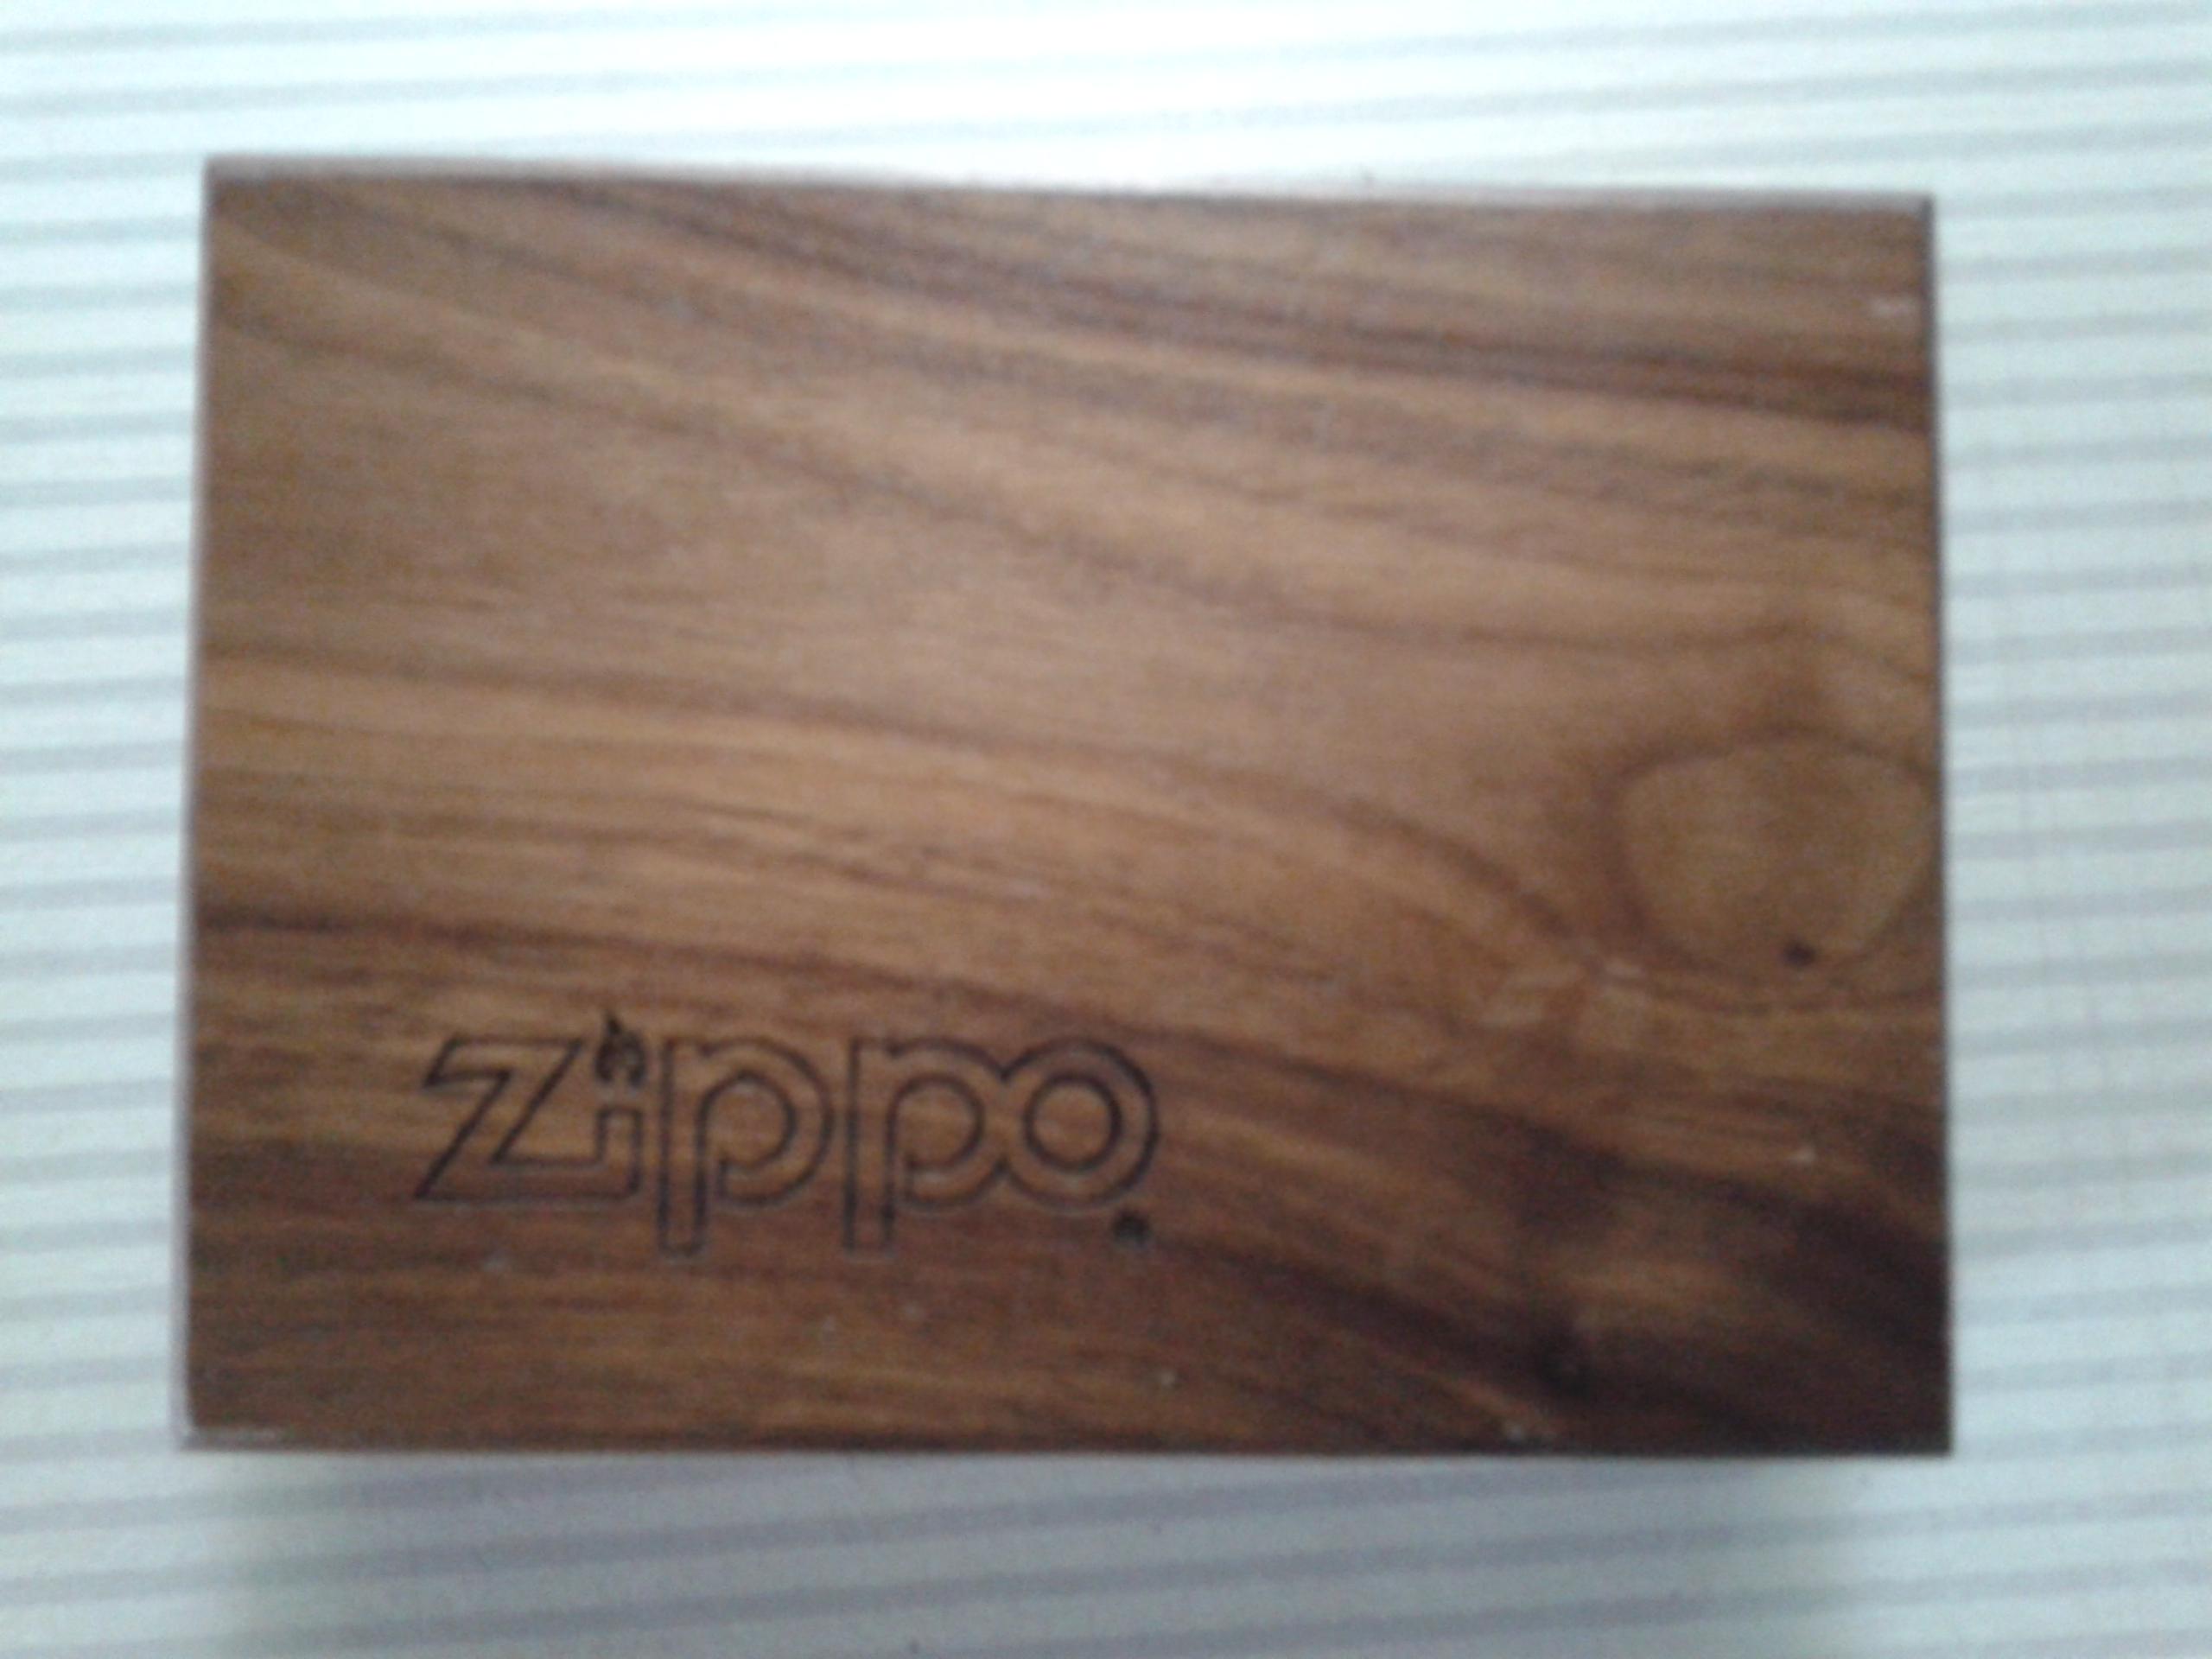 Les boites Zippo au fil du temps - Page 2 437970Walnutbox11